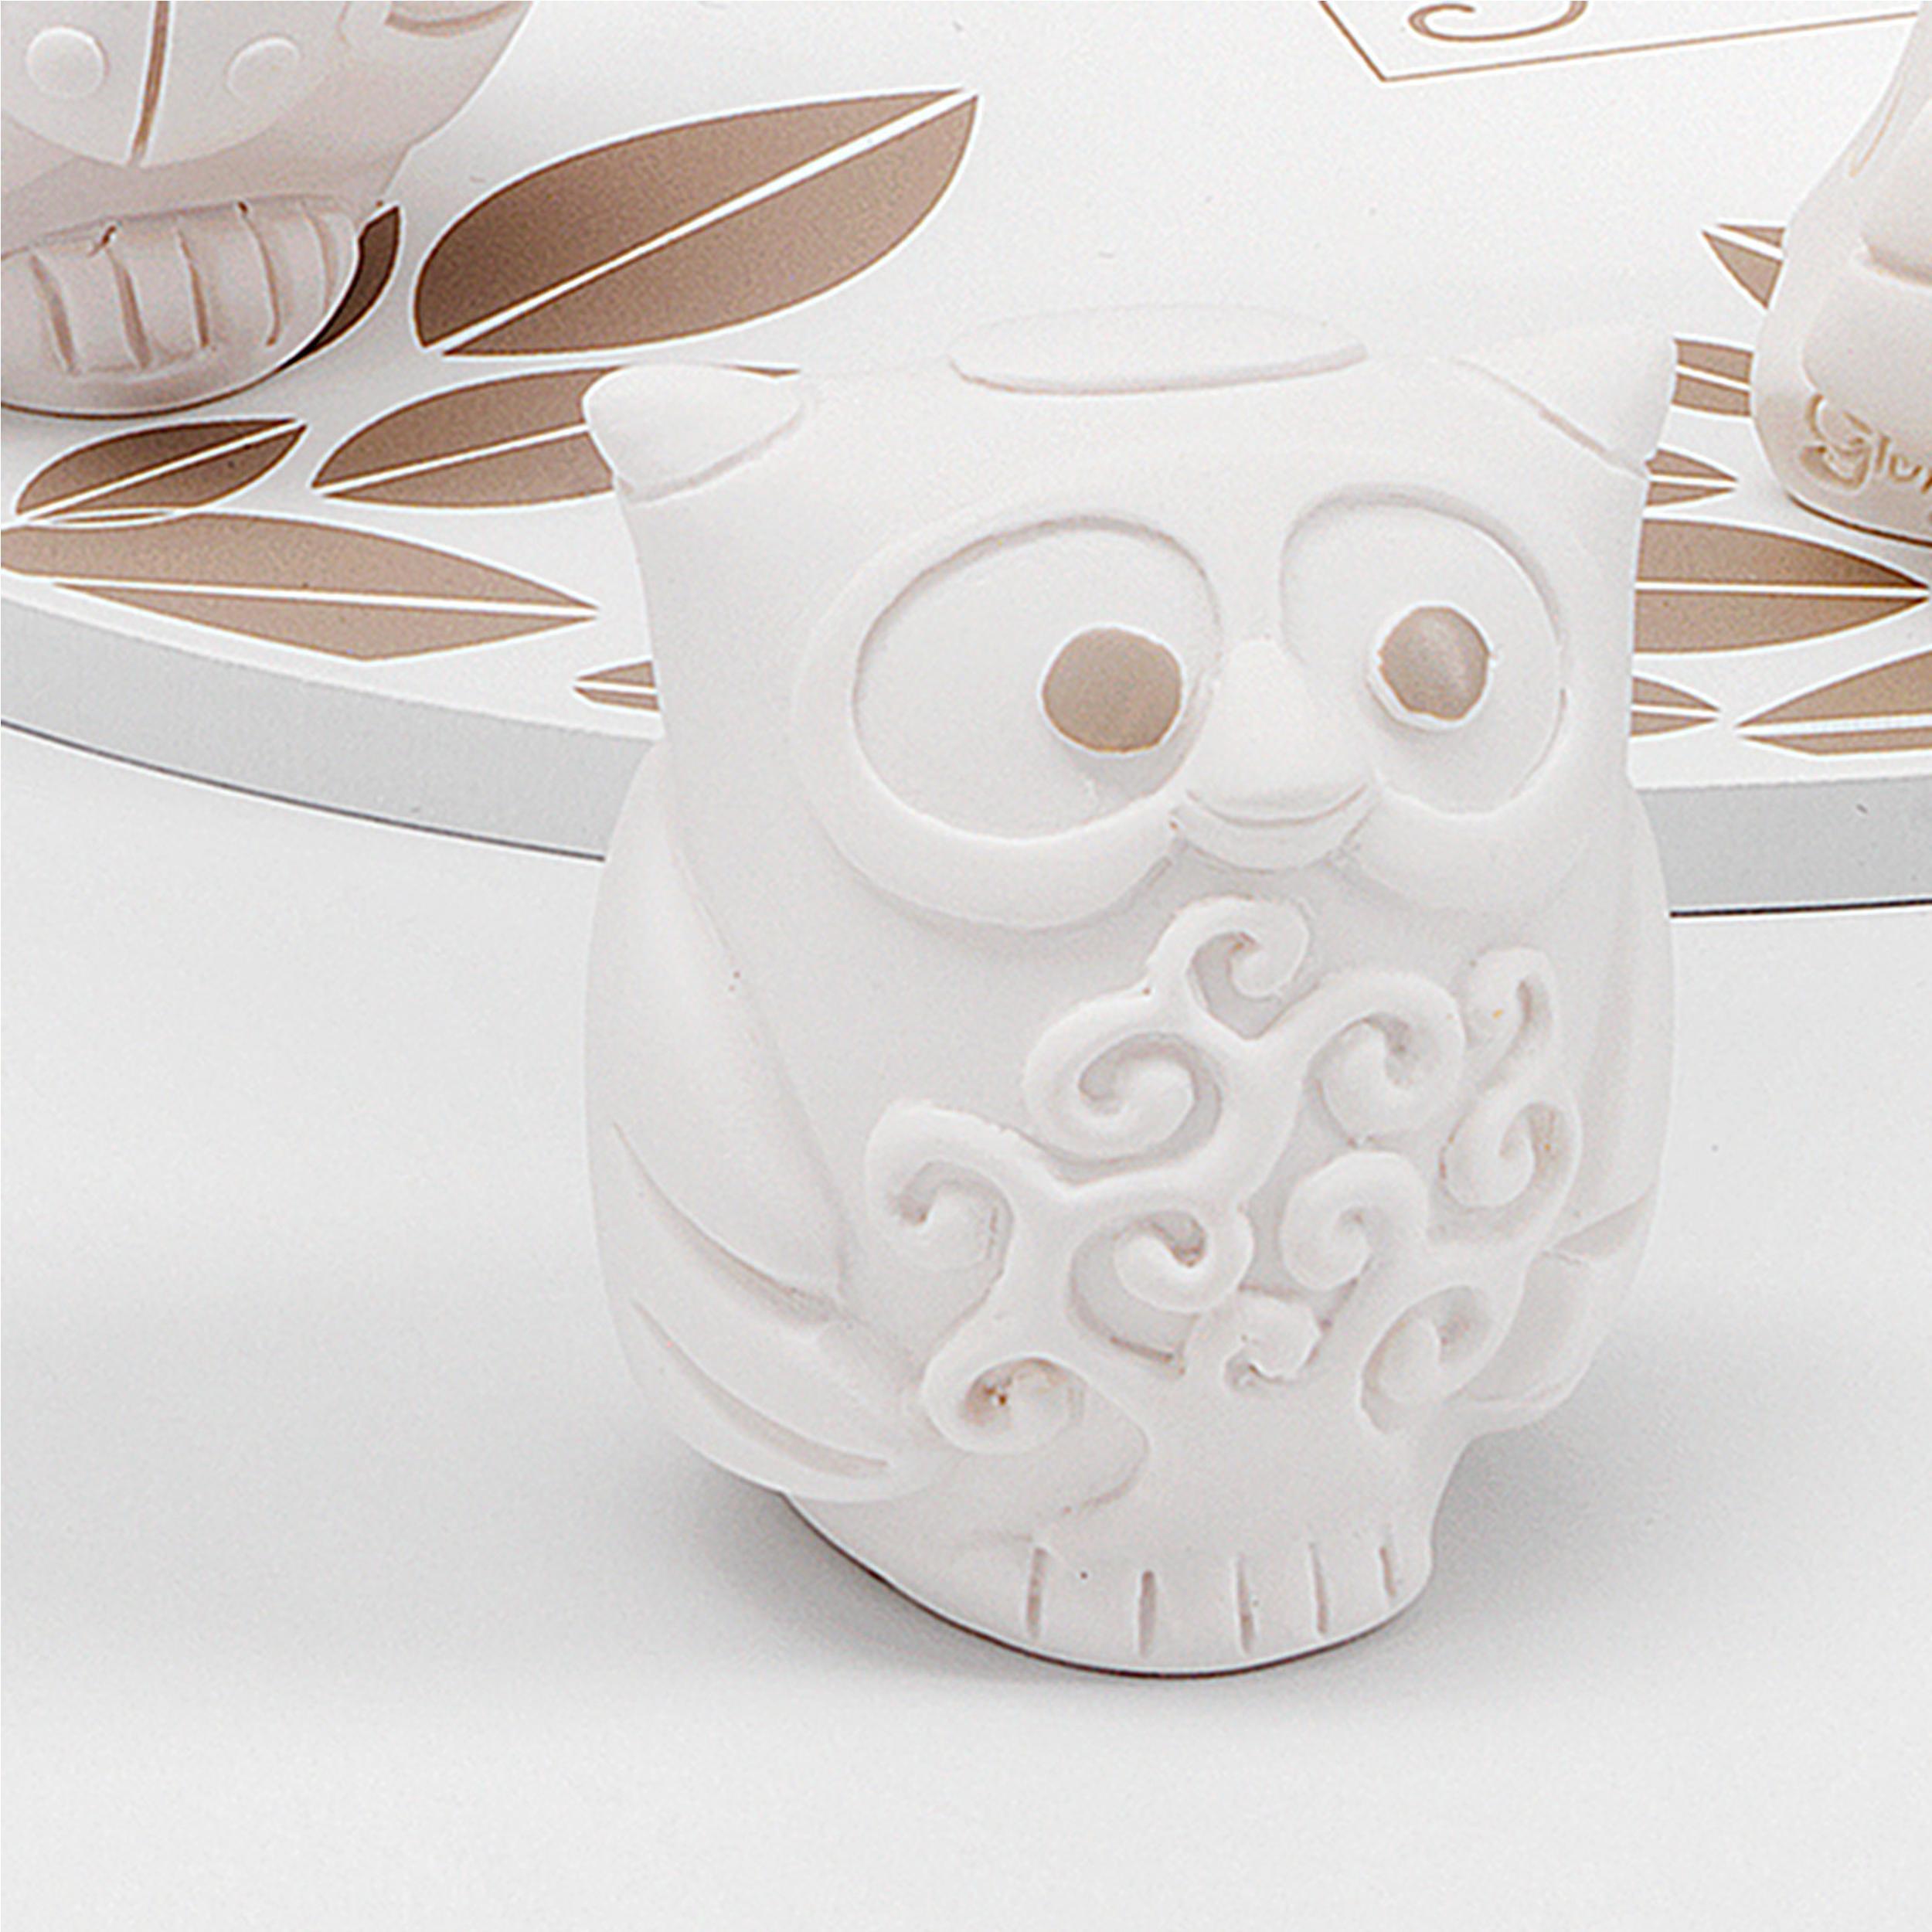 Gufo Albero della Vita per cresima e comunione in resina Bianca h 6 cm in  scatola regalo , bomboniera | Fantin Argenti